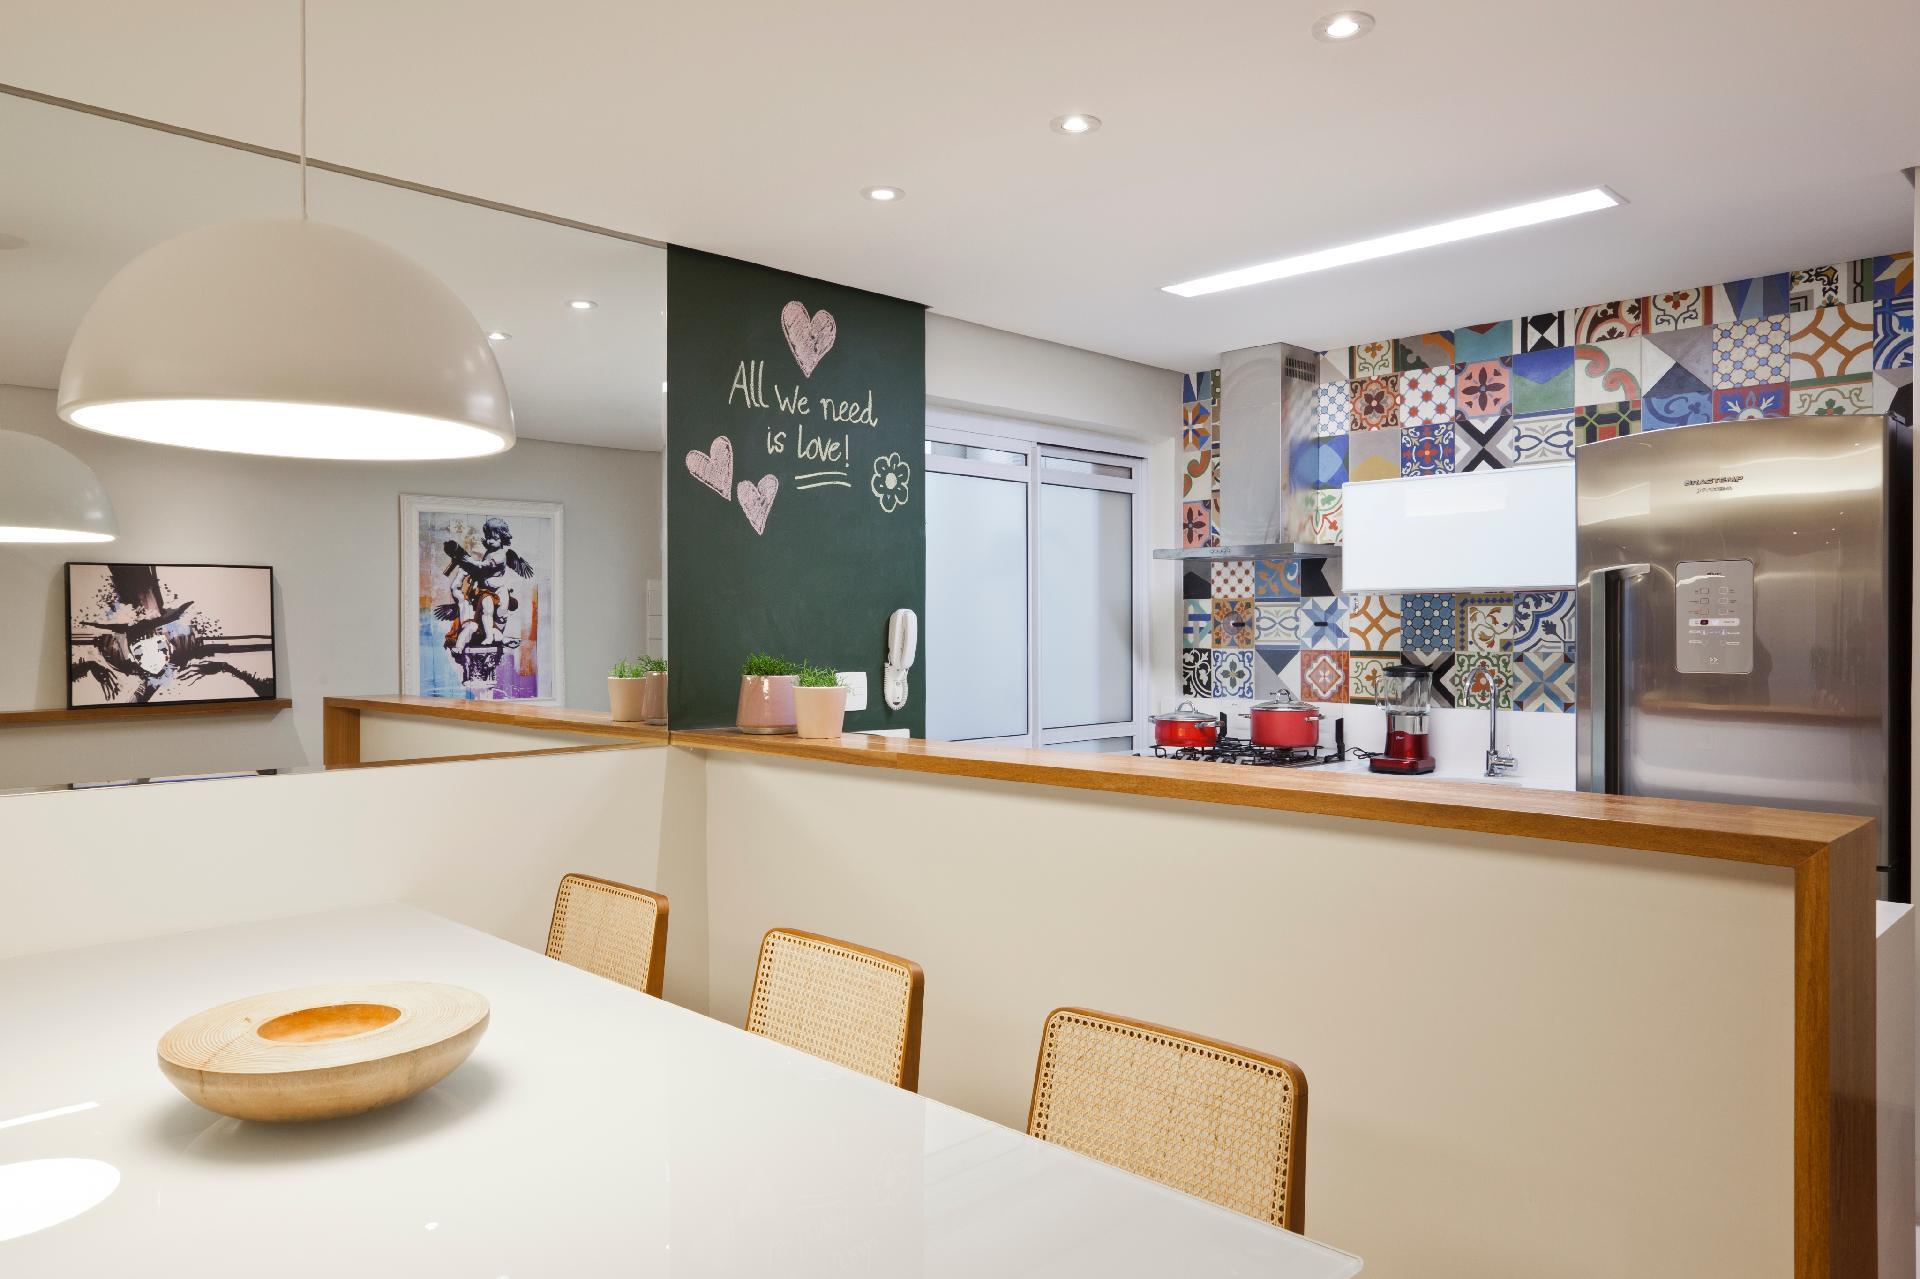 O apê feminino ganhou mais amplitude com a criação de uma cozinha americana e a instalação de um espeho junto à mesa de jantar. Os ladrilhos hidráulicos e a parede pintada com tinta de lousa dão um toque de jovialidade à decoração concebida para uma universitária. O projeto é assinado pelos arquitetos do escritório Conrado Ceravolo, em São Paulo